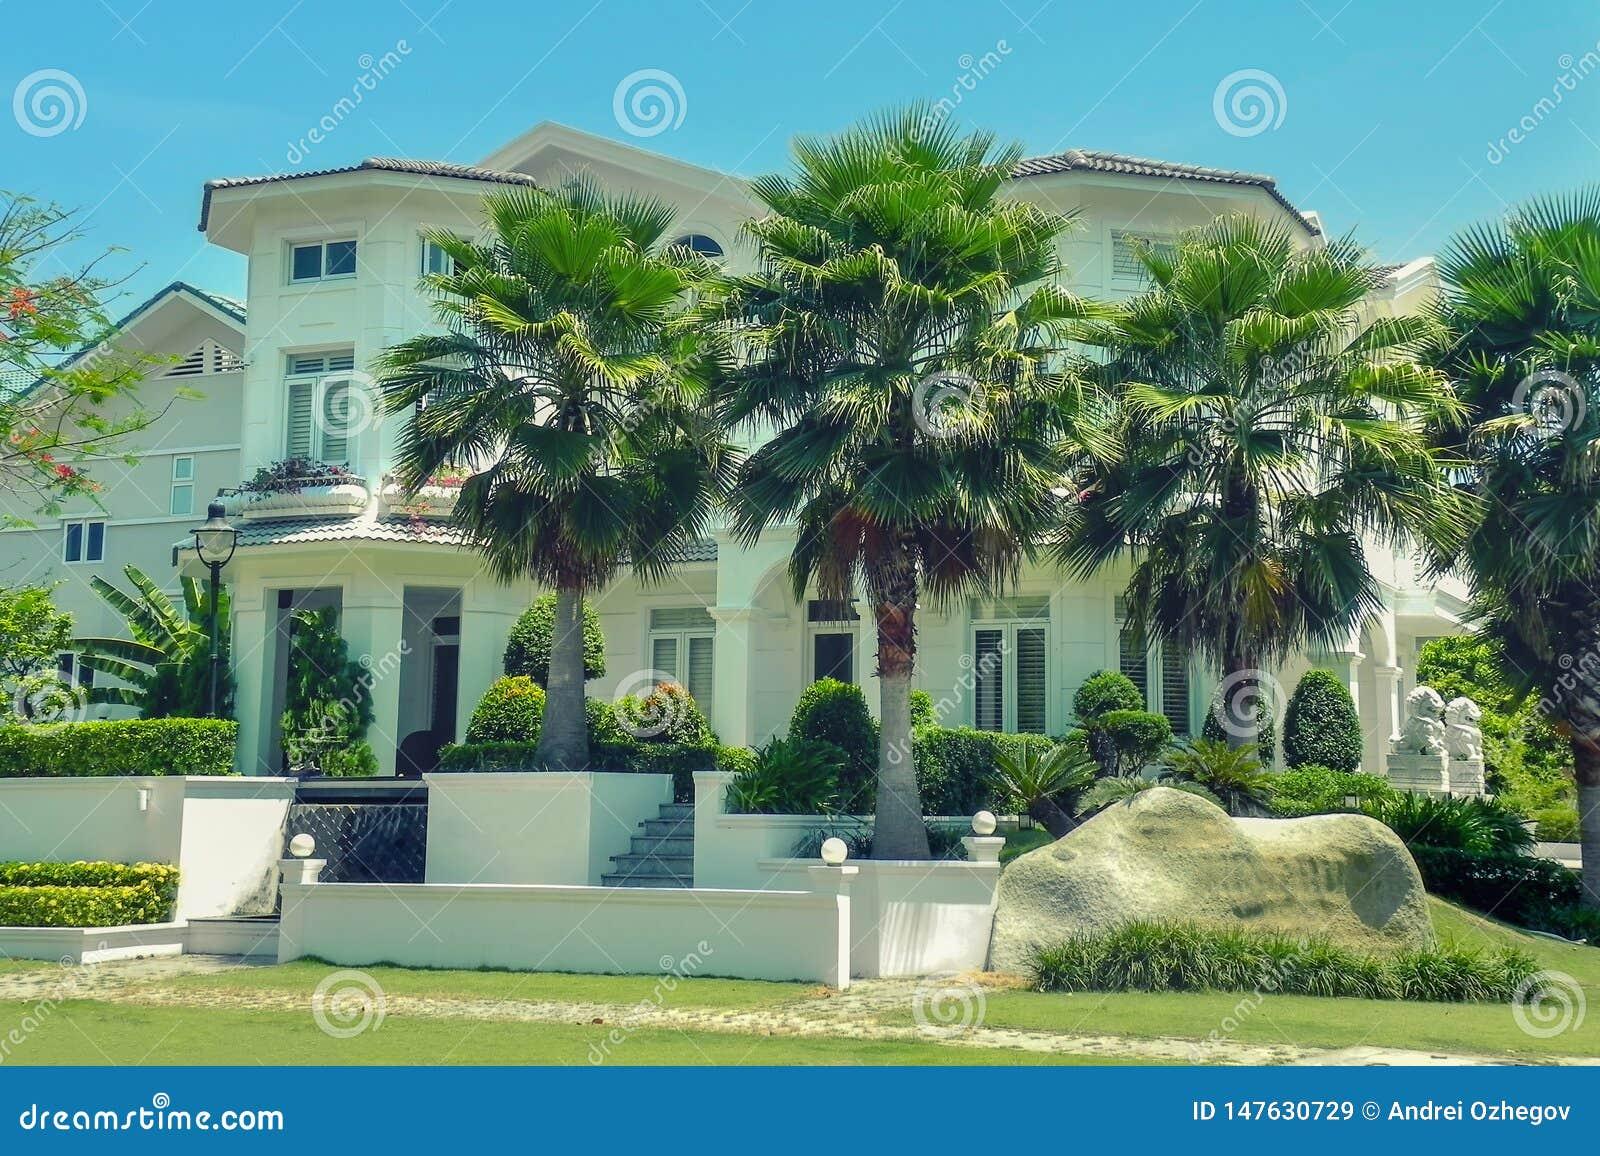 Villa A Tre Piani una bella casa a tre piani con le palme immagine stock